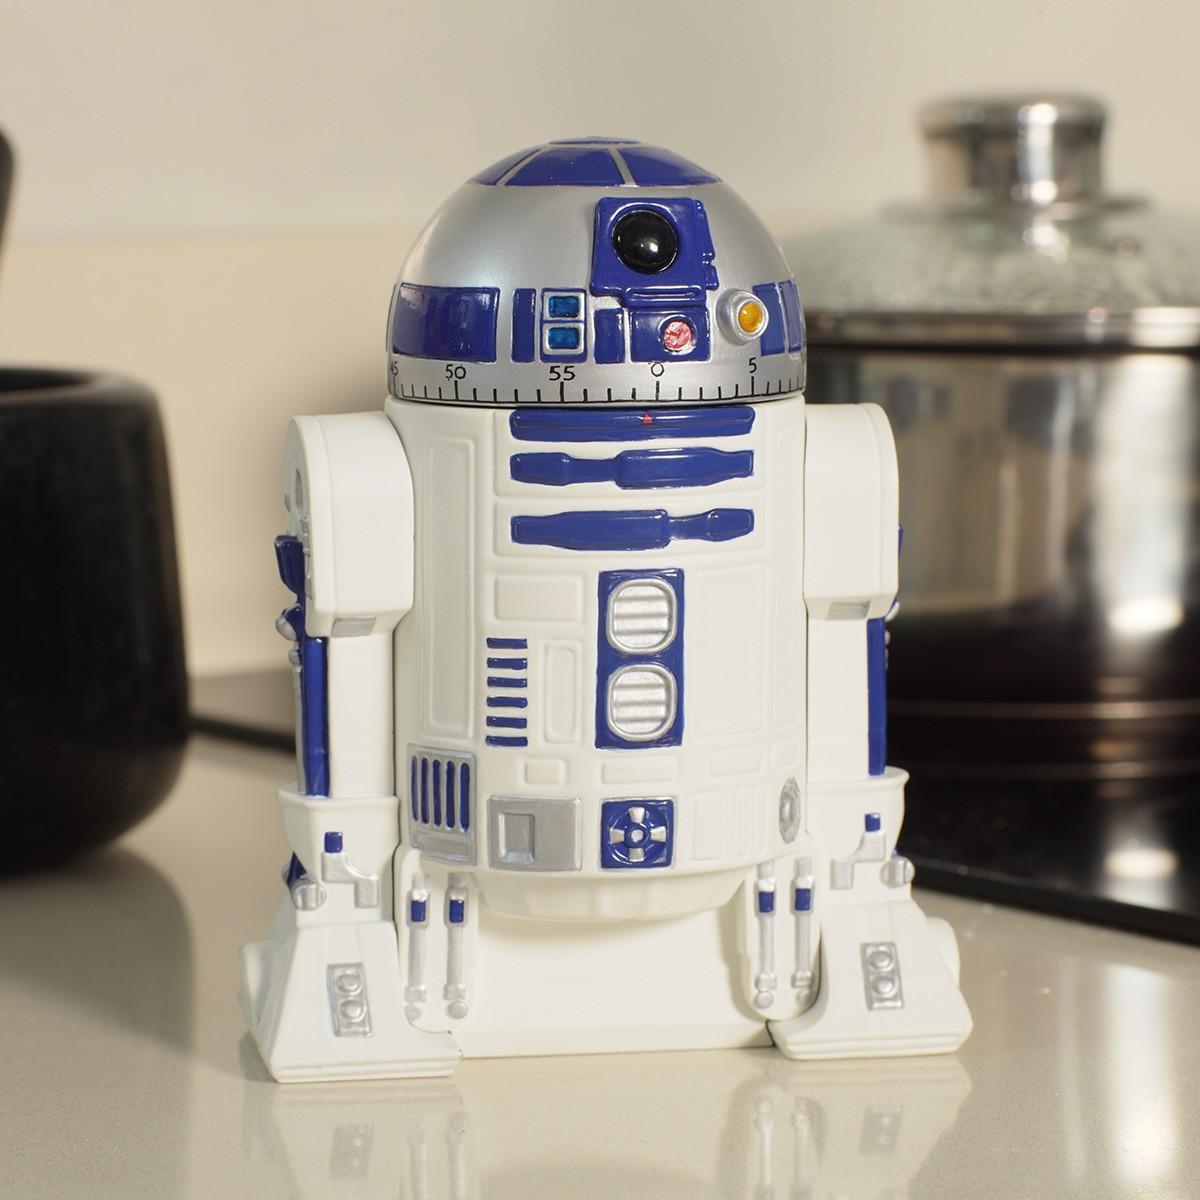 Minutnik kuchenny Star Wars R2-D2